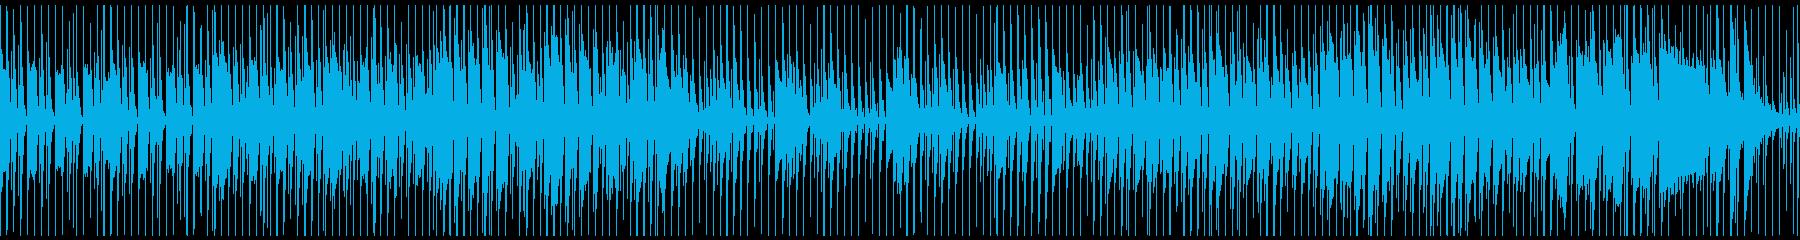 軽快なステップでお散歩するようなBGMの再生済みの波形